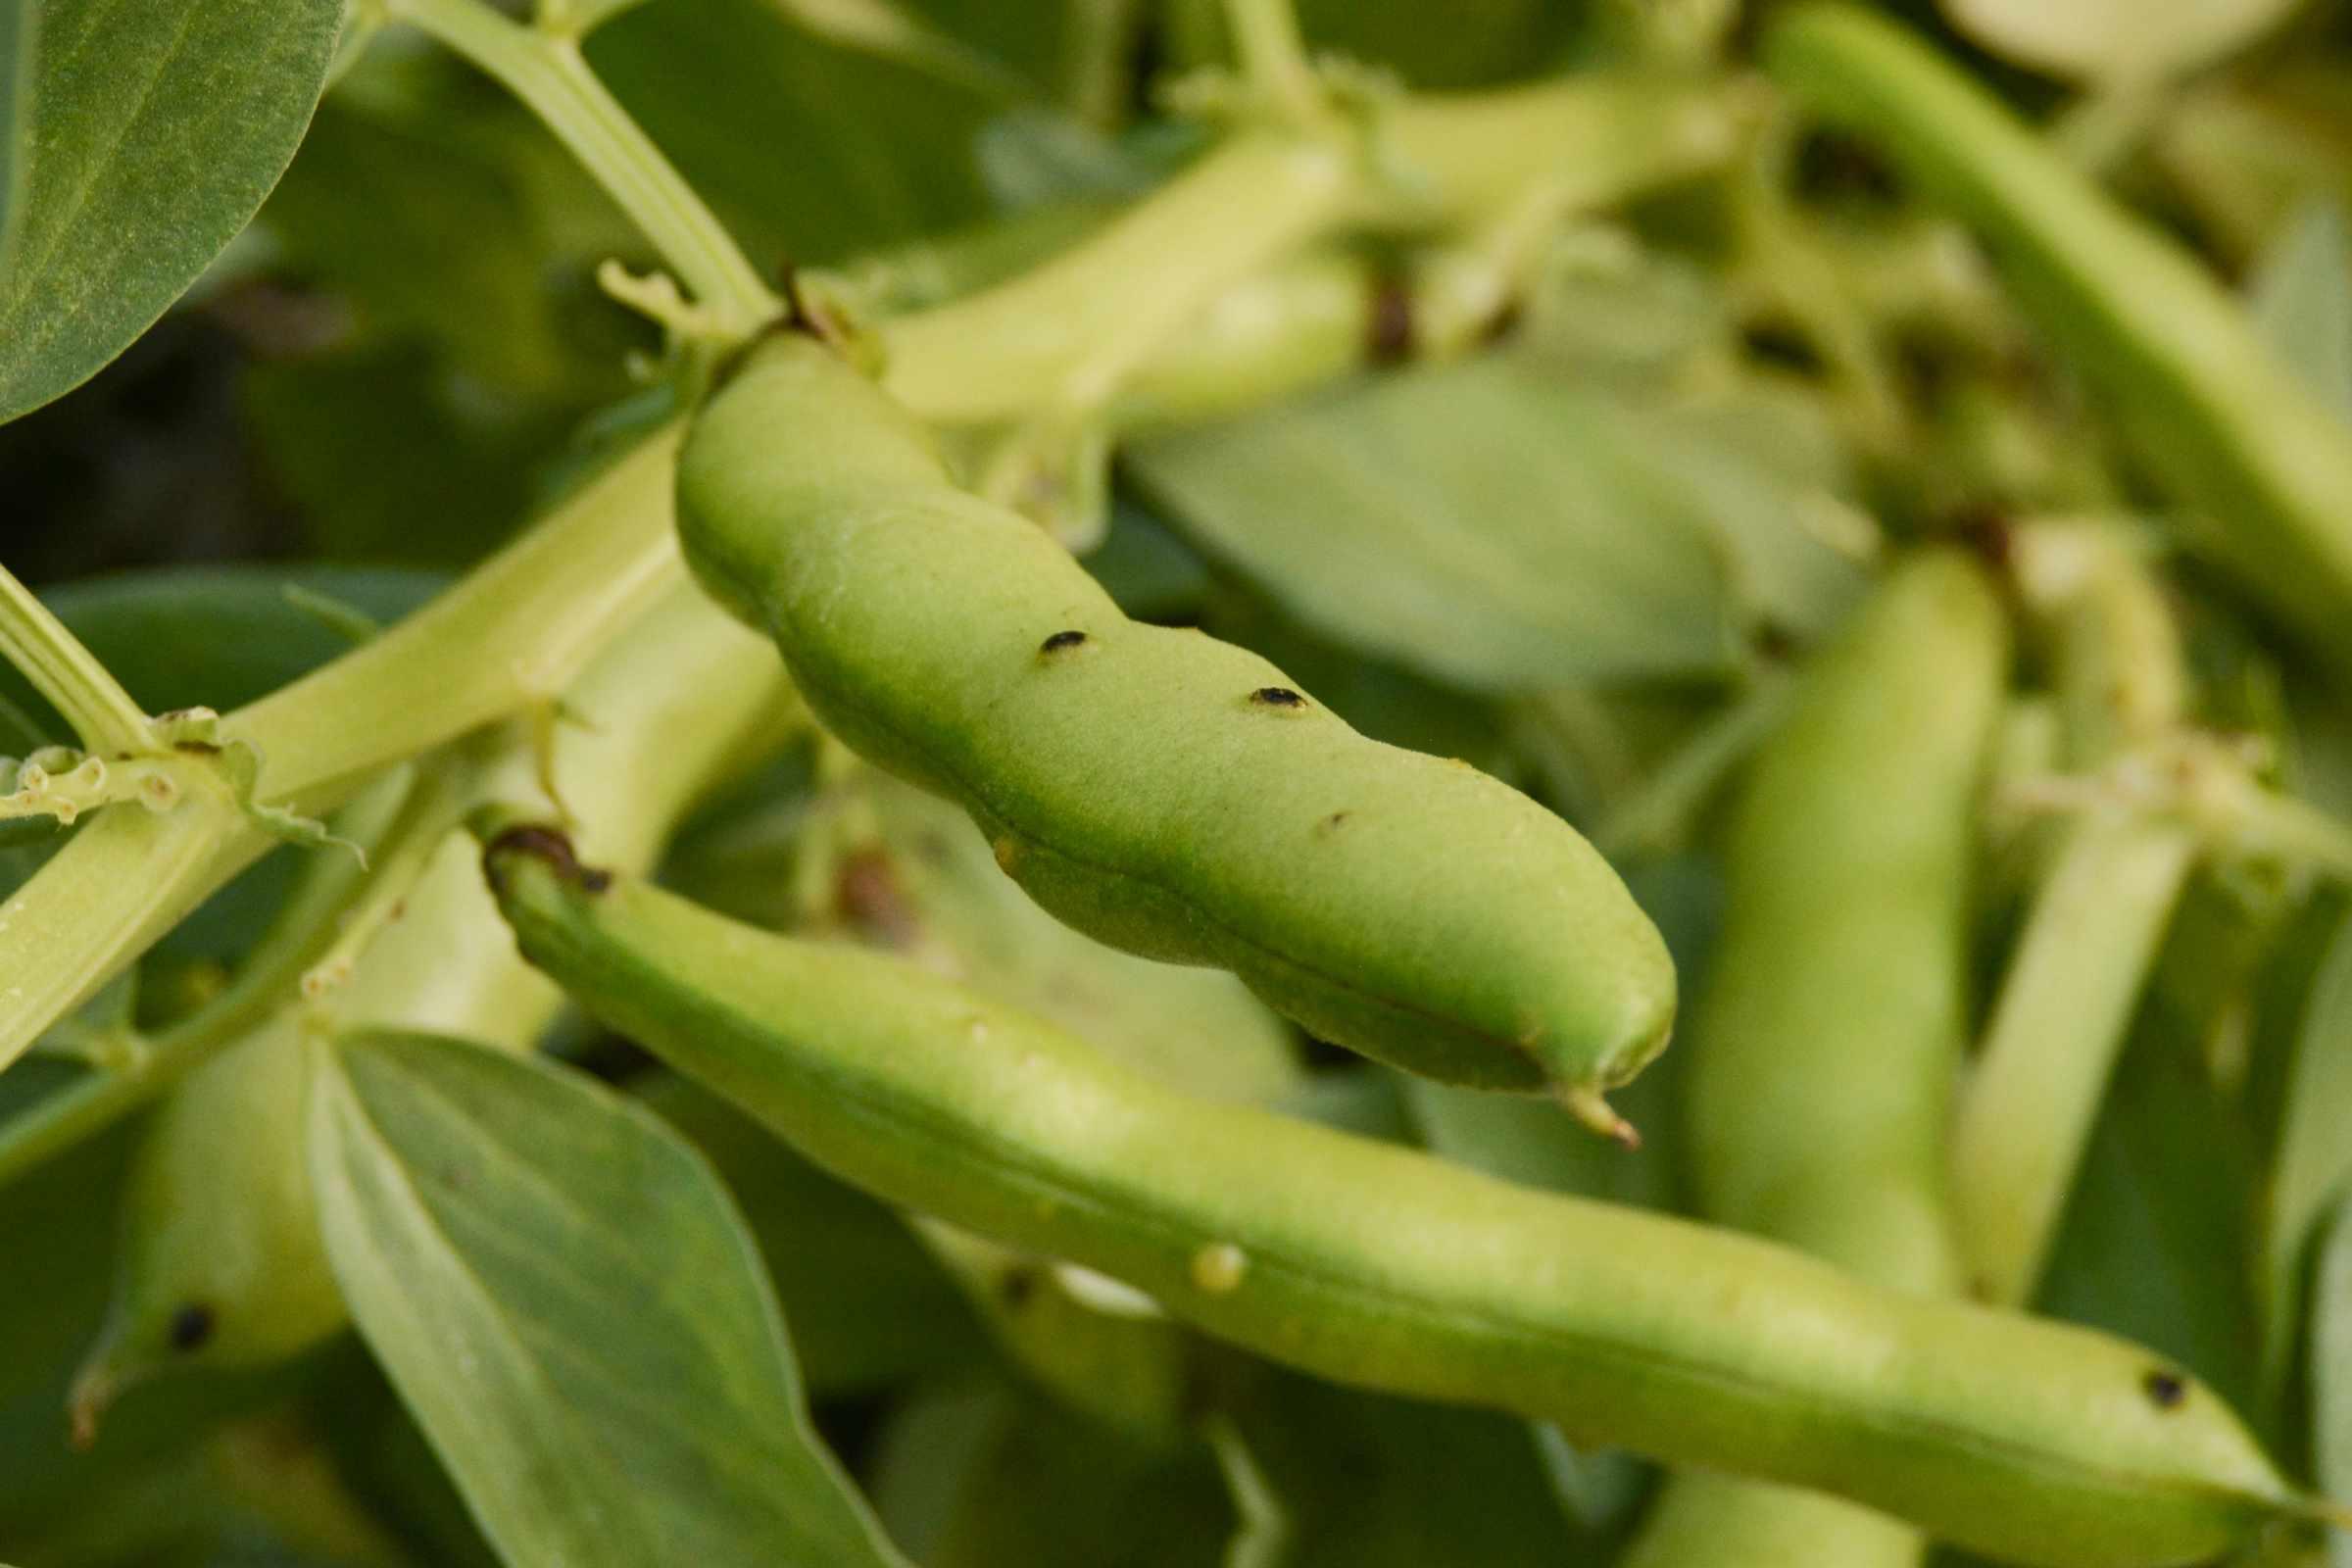 Green fava bean pods on stem closeup